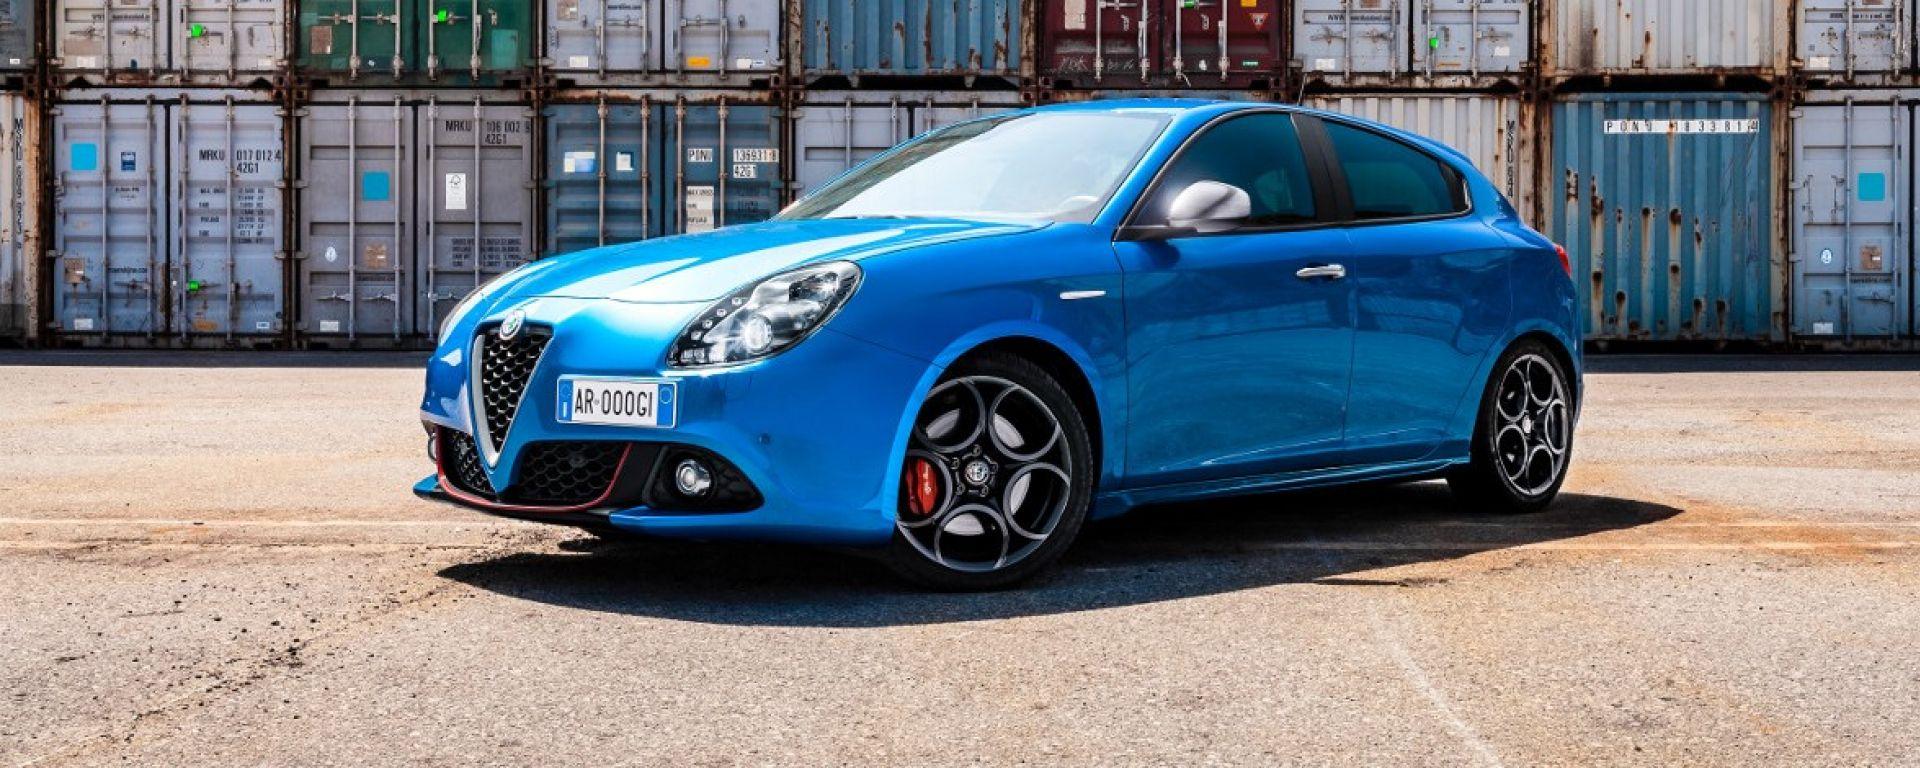 Alfa Romeo Giulietta: arrivano i pacchetti Tech e Carbon Look